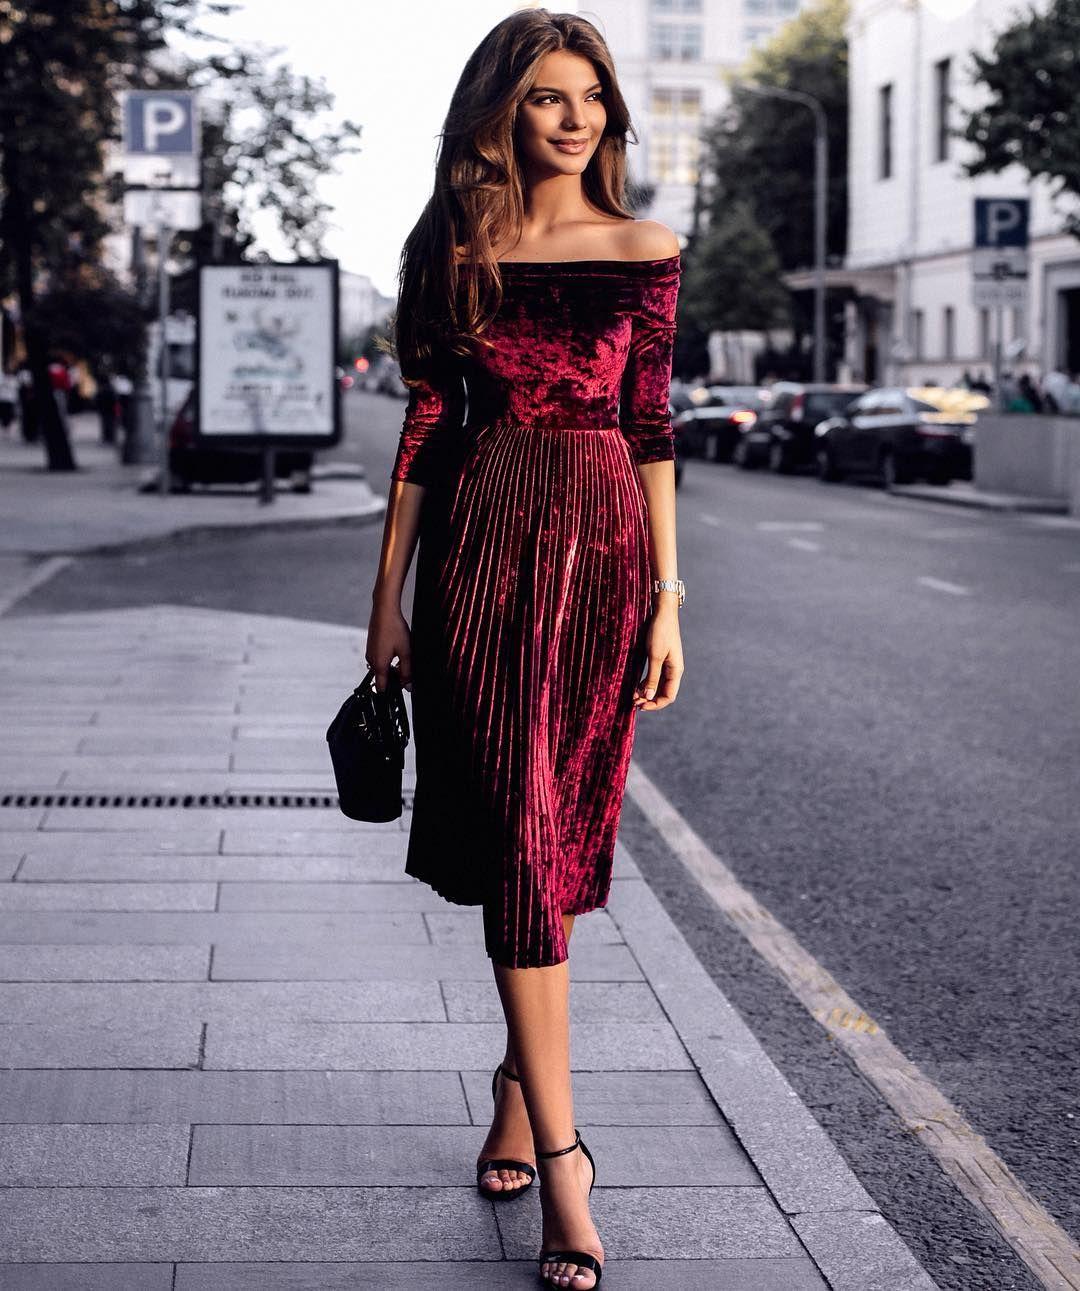 393af7faf1f Платье в женском гардеробе – волшебная палочка-выручалочка. В предстоящем  сезоне дизайнеры выпустили коллекцию идеальных фасонов модных платьев 2017  – 2018 ...